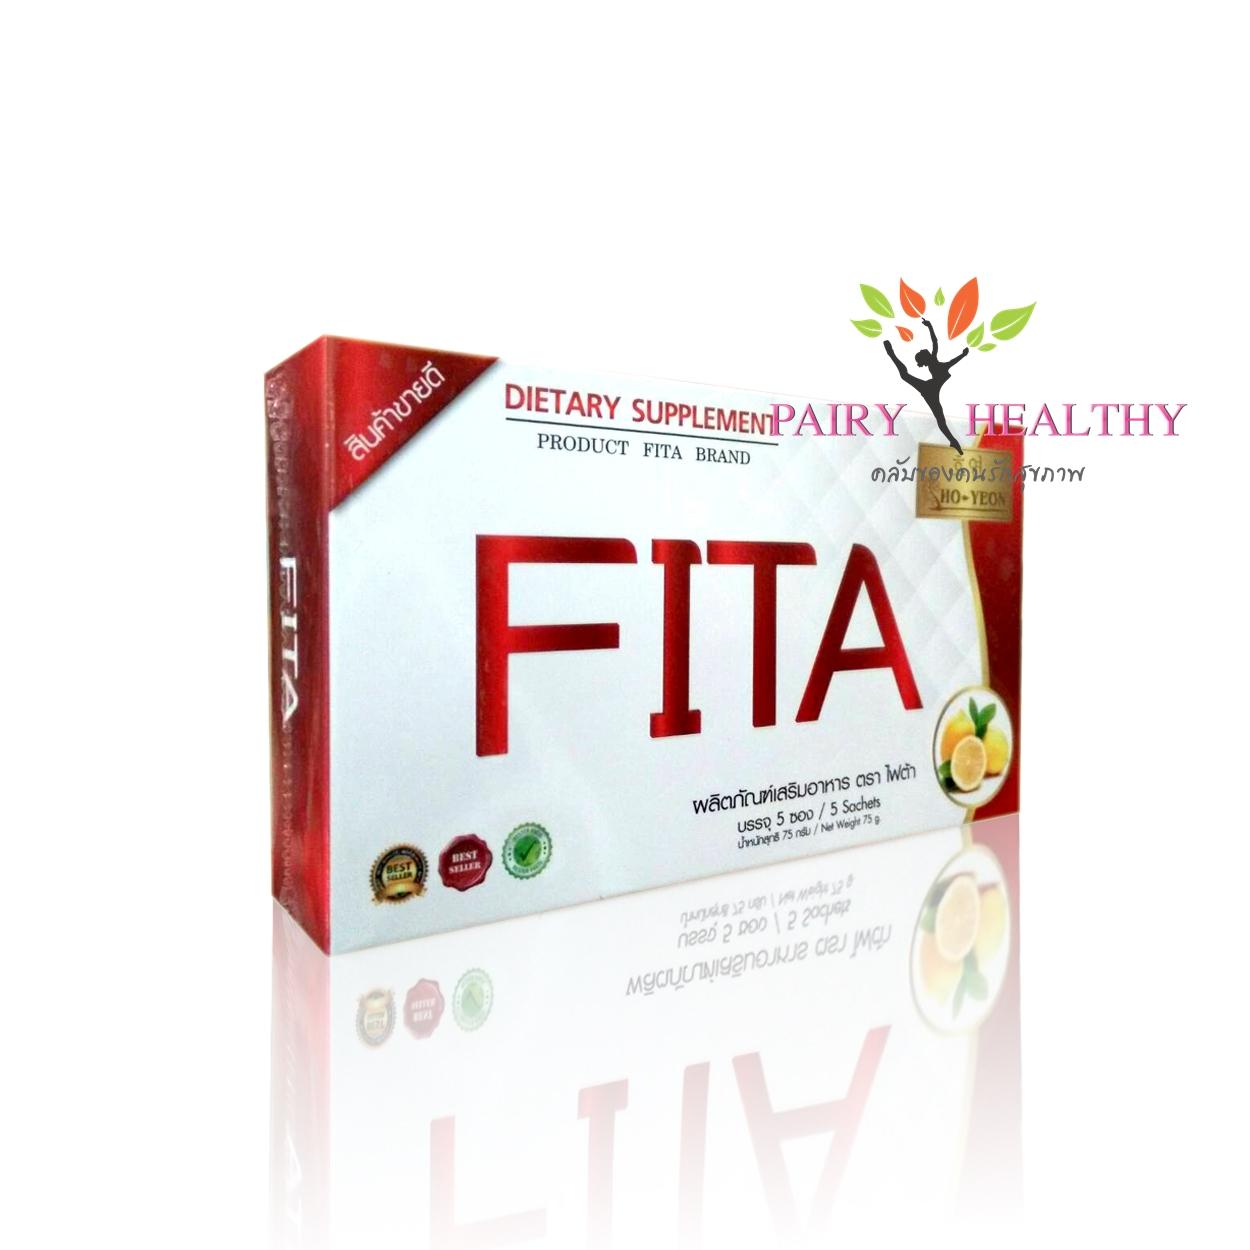 FITA Ho-Yeon ไฟต้า อาหารเสริมดีท๊อกซ์ บรรจุ 5 ซอง ราคา 240 บาท ส่งฟรี